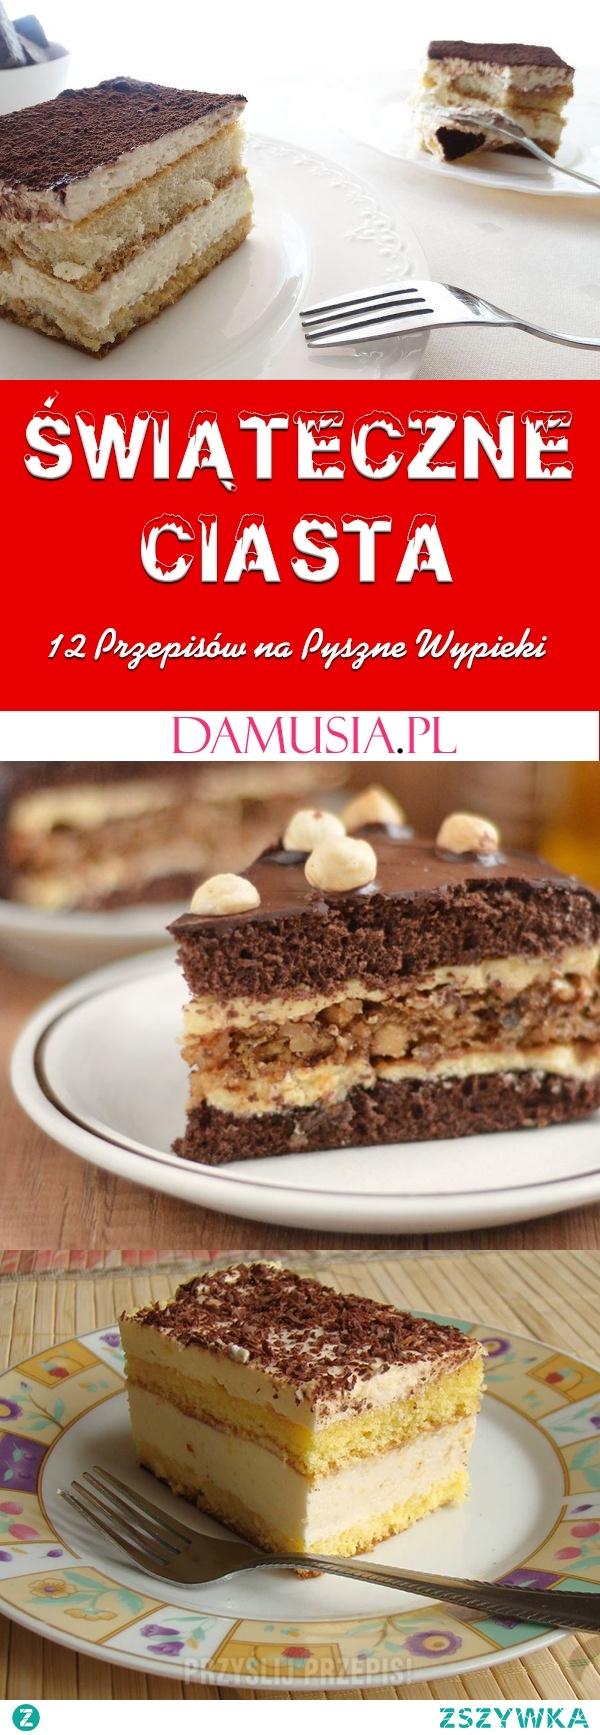 TOP 12 Przepisów na Świąteczne Ciasta – Proste i Smaczne!